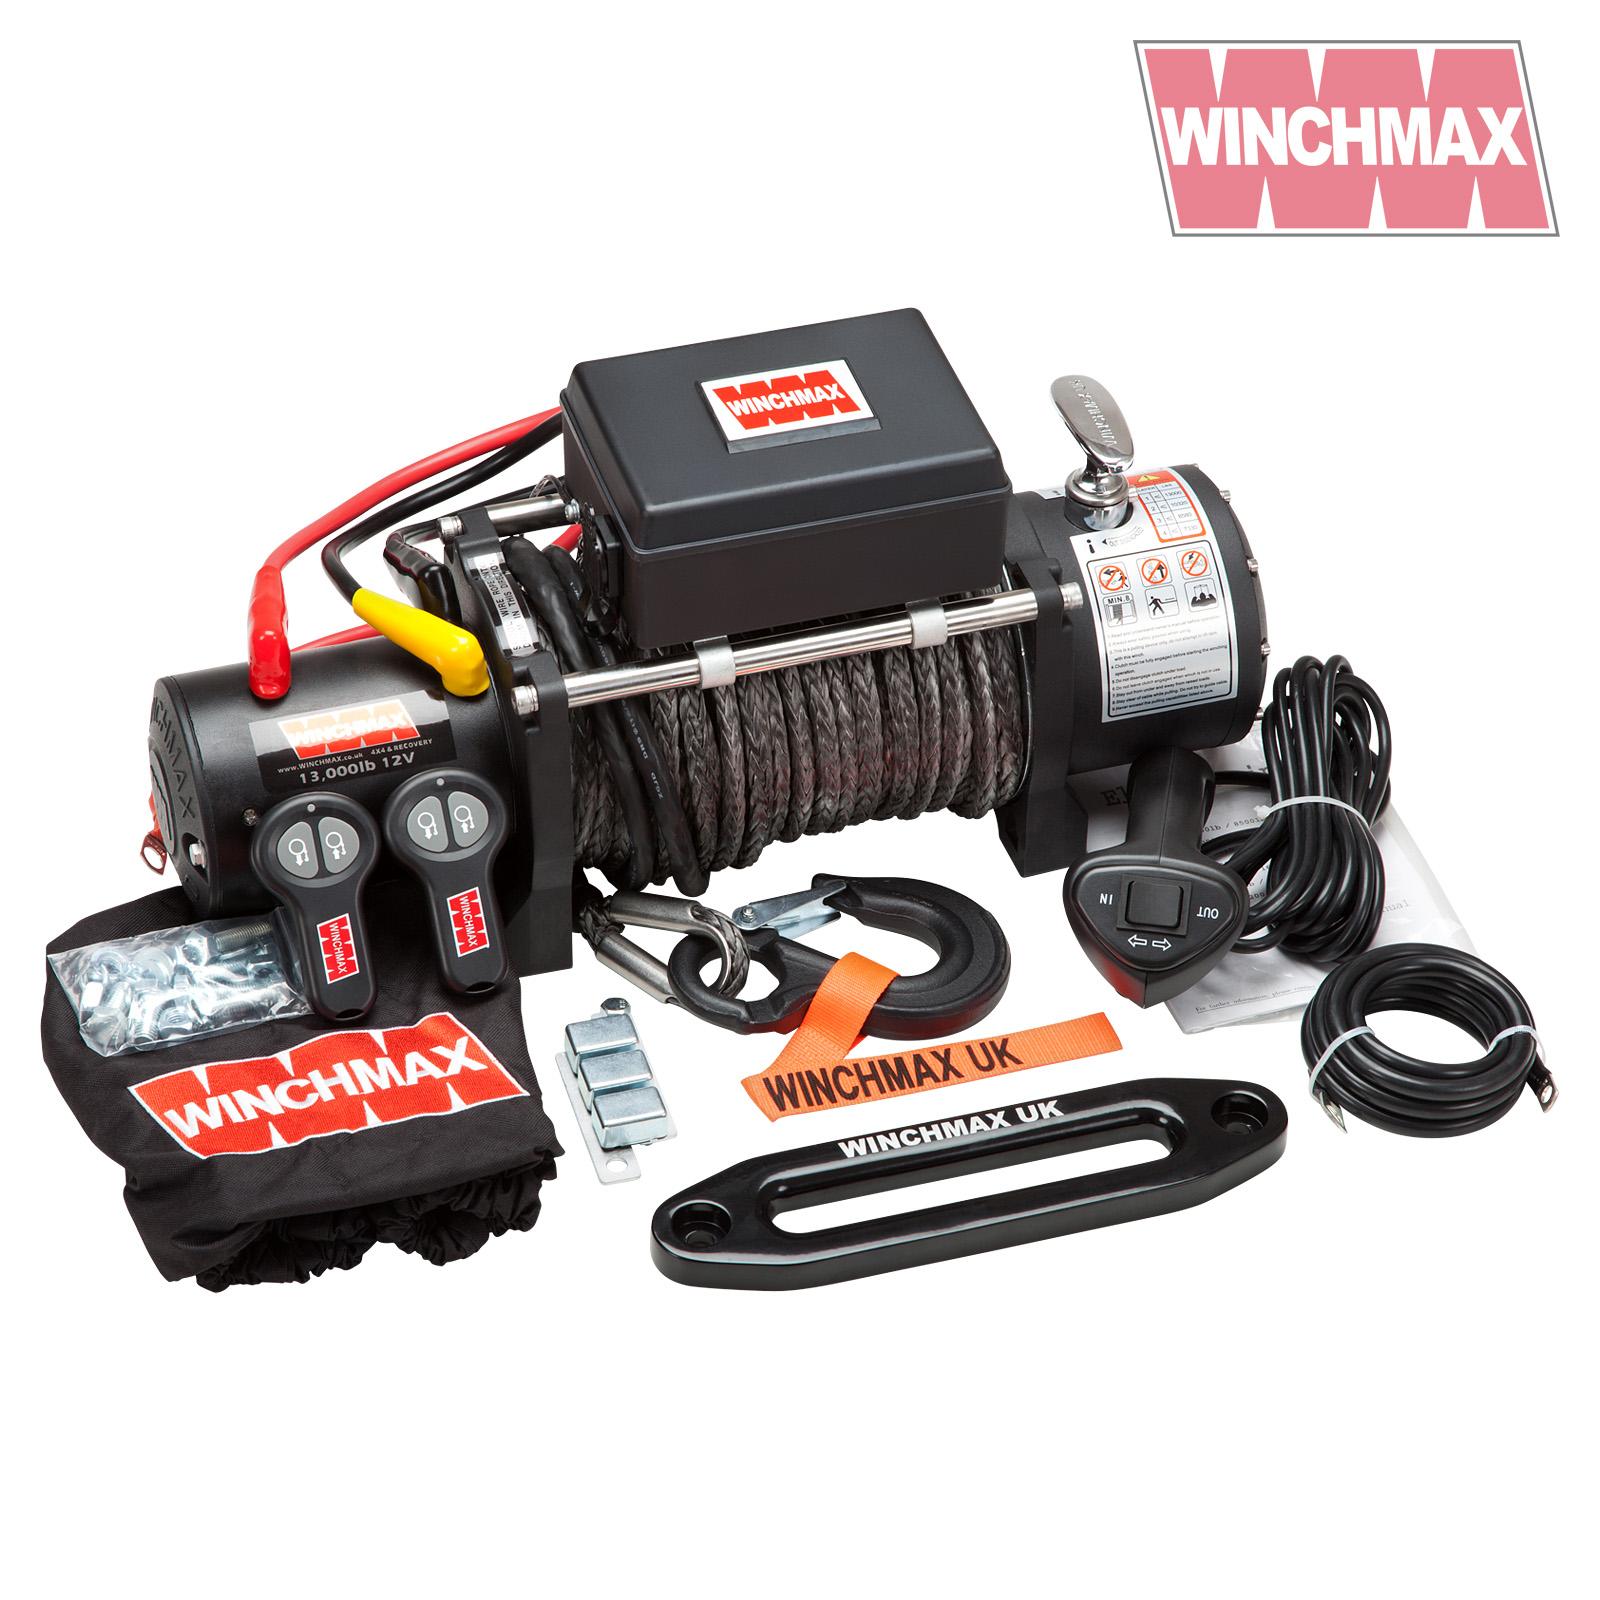 Wm1300012vmilsyn winchmax 013